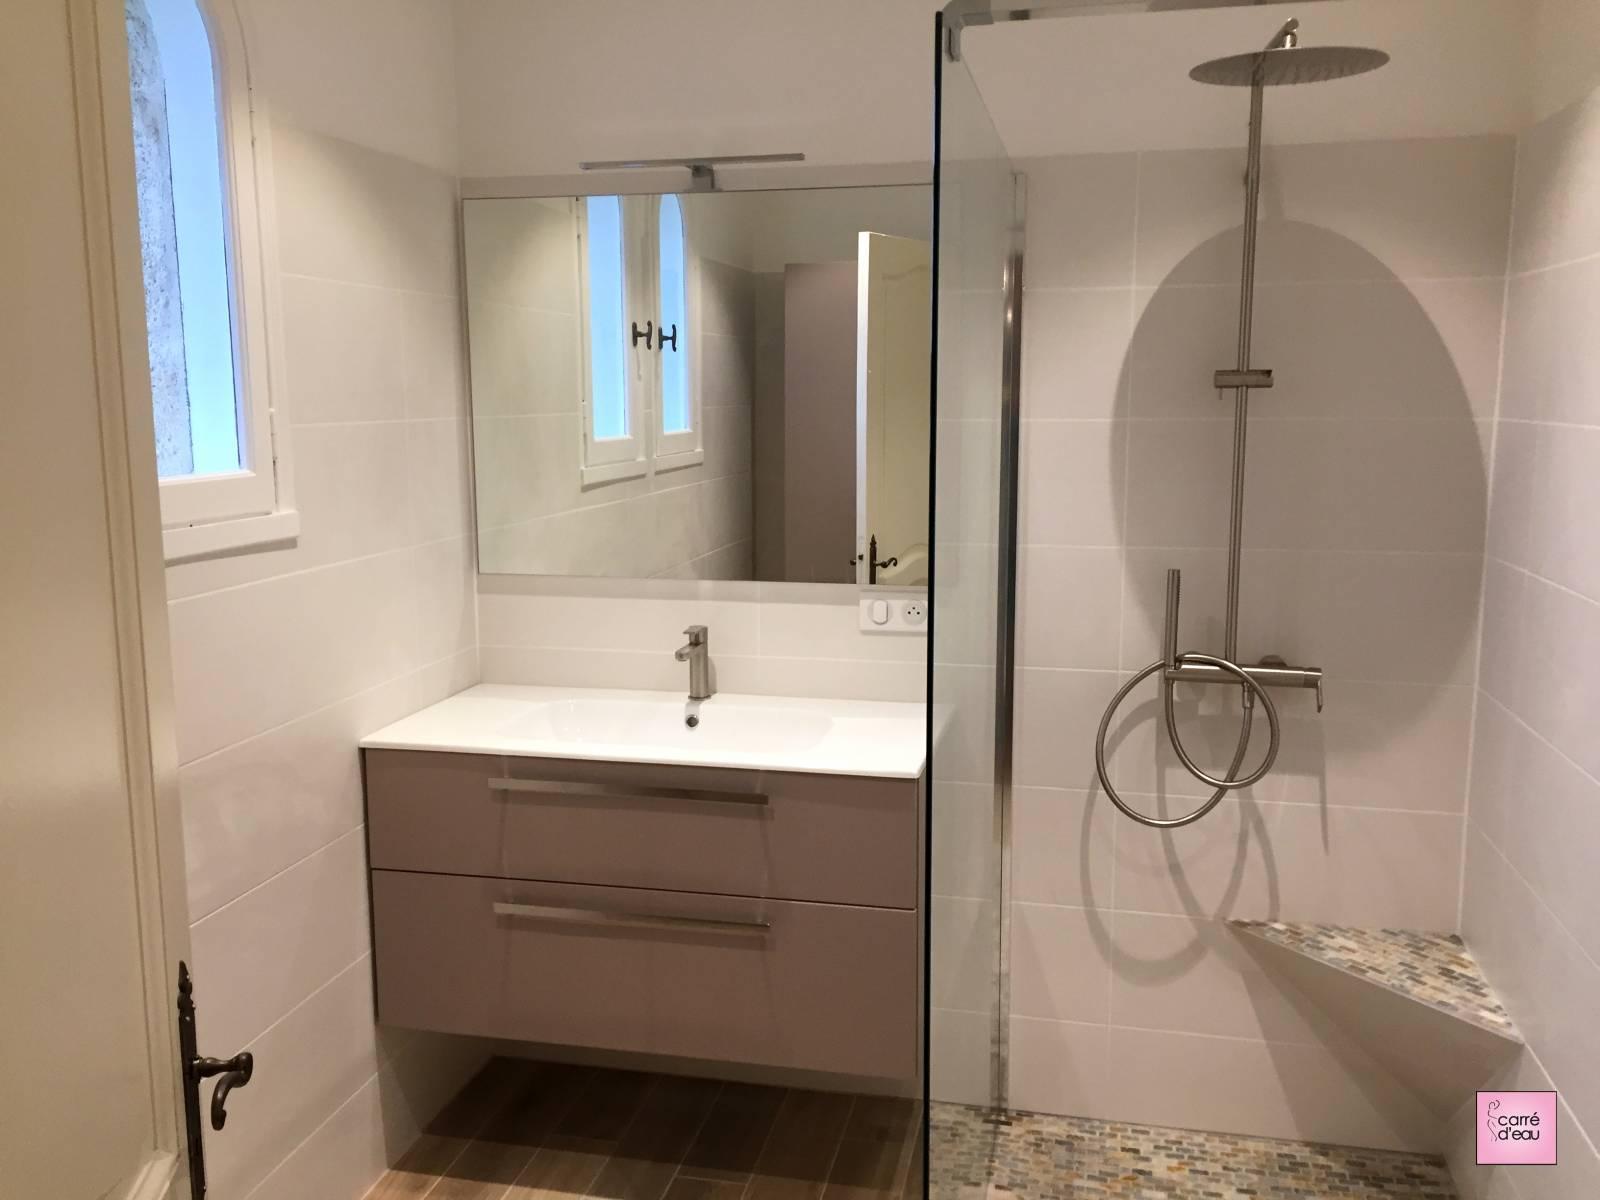 remplacement d 39 une baignoire prades le lez carr d 39 eau. Black Bedroom Furniture Sets. Home Design Ideas